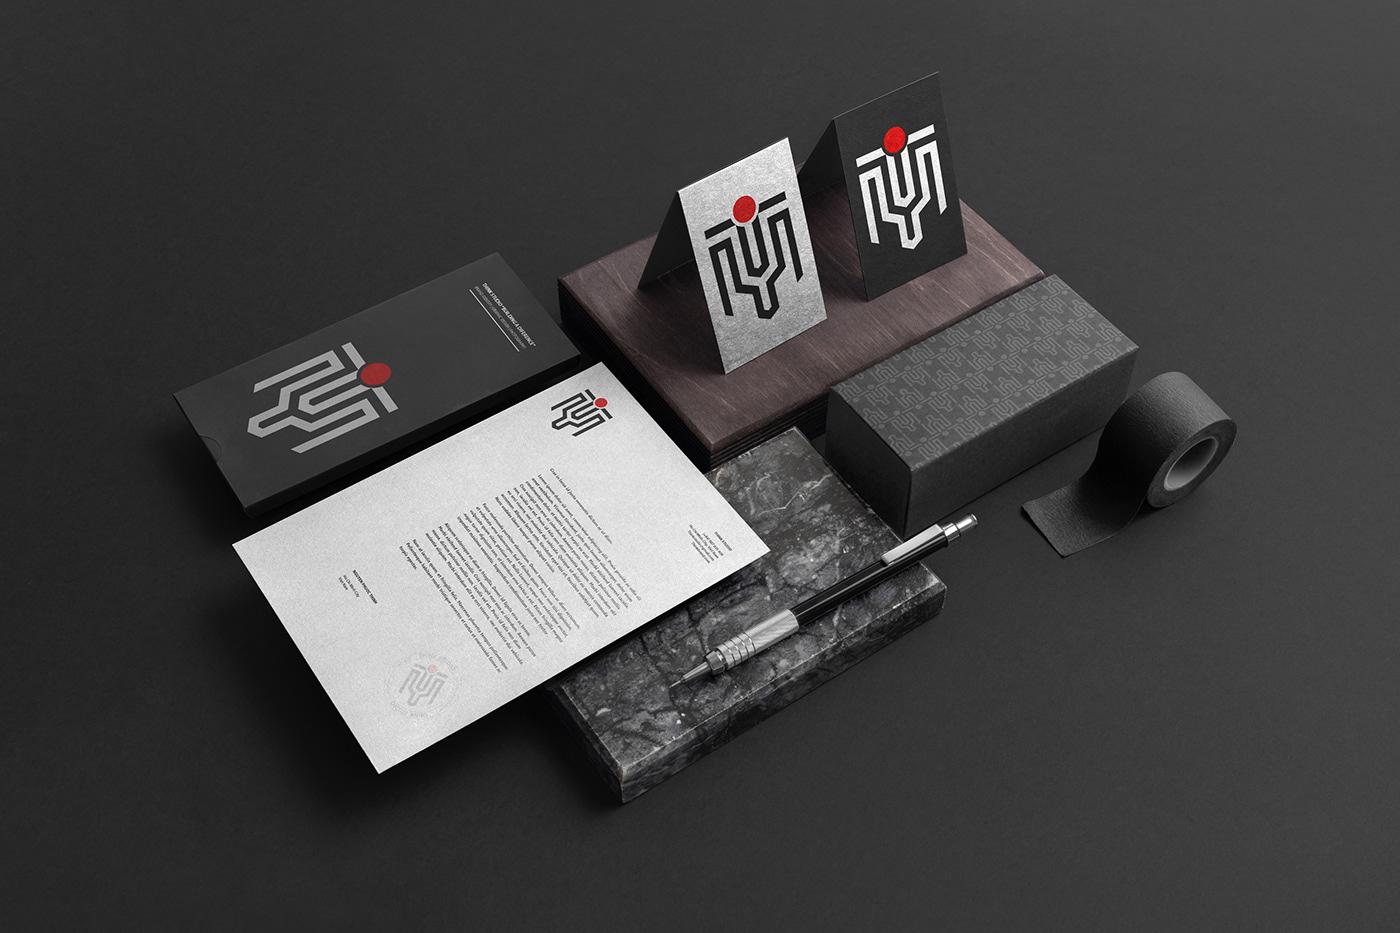 brand brand designer brand identity branding  graphic design  nhân diên thương hiệu Think Studio thương hiệu việt nam Typical brands xây dựng thương hiệu